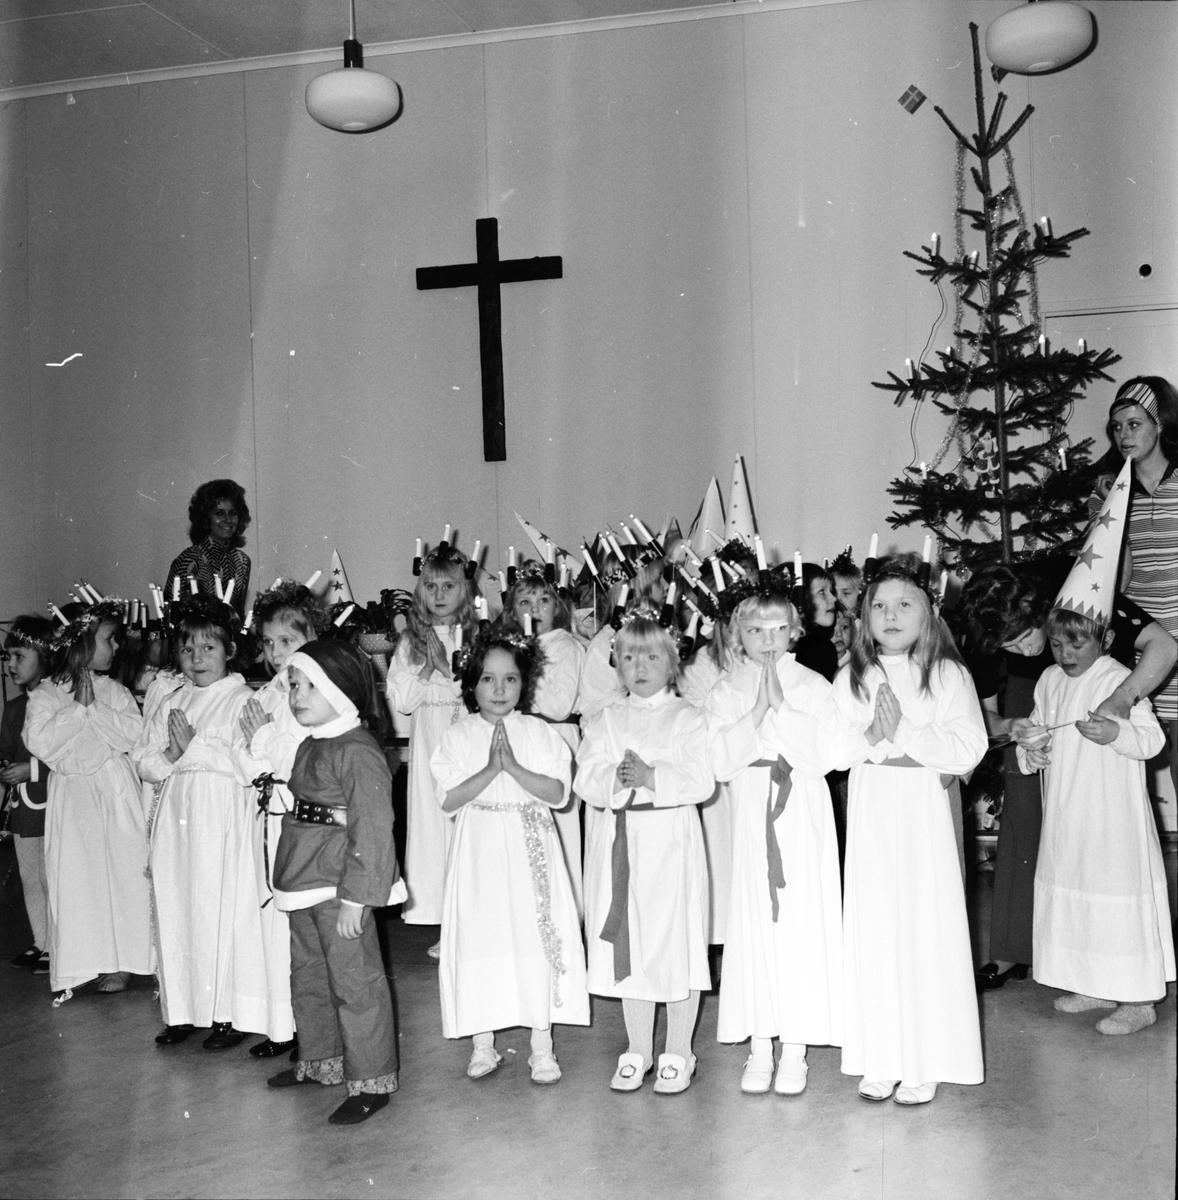 Arbrå, Barntimme, Julfest, December 1971